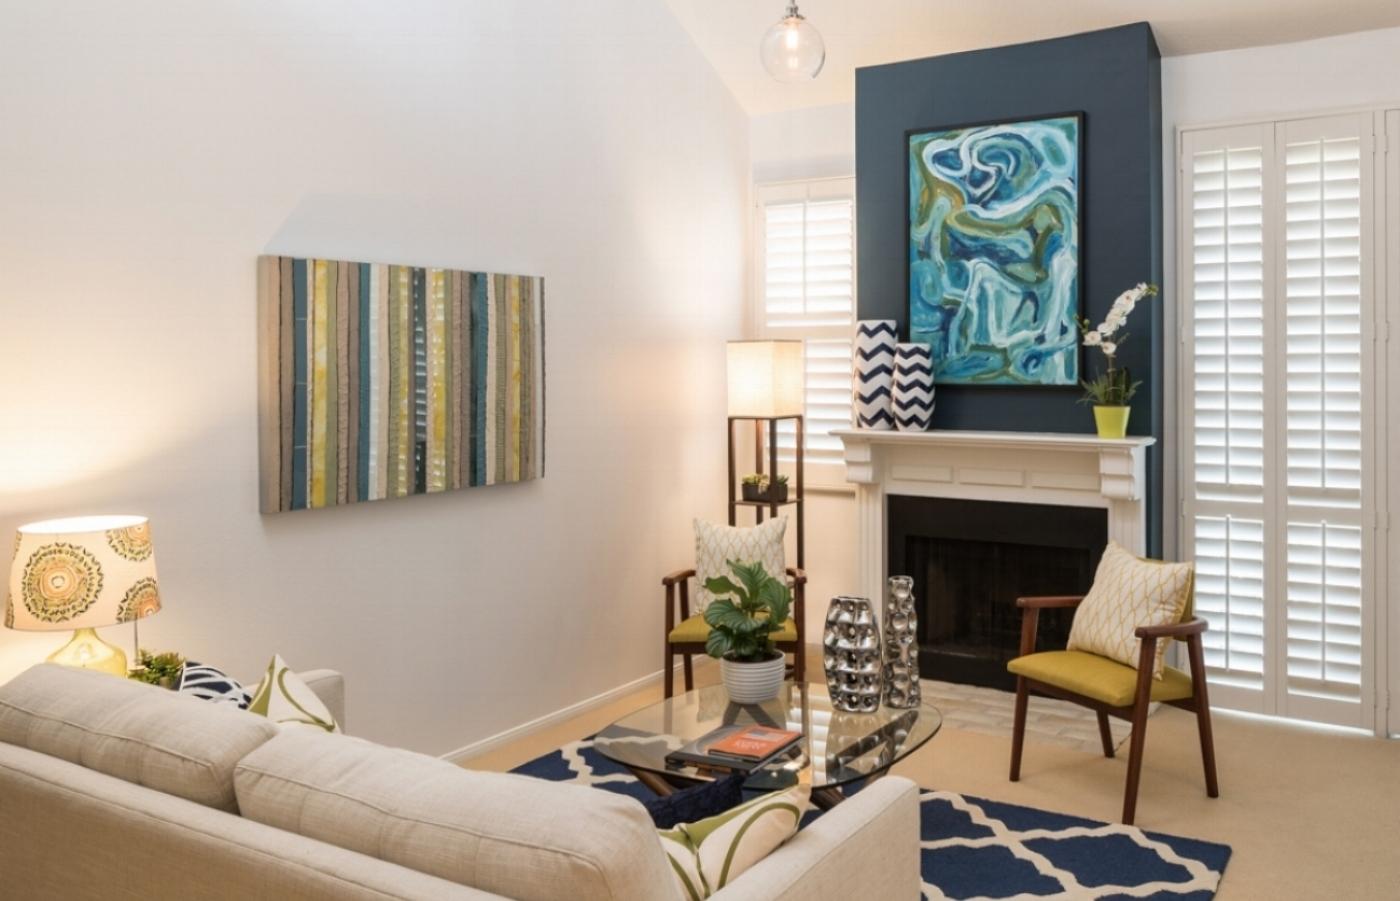 Comment créer une image équilibrée de votre maison